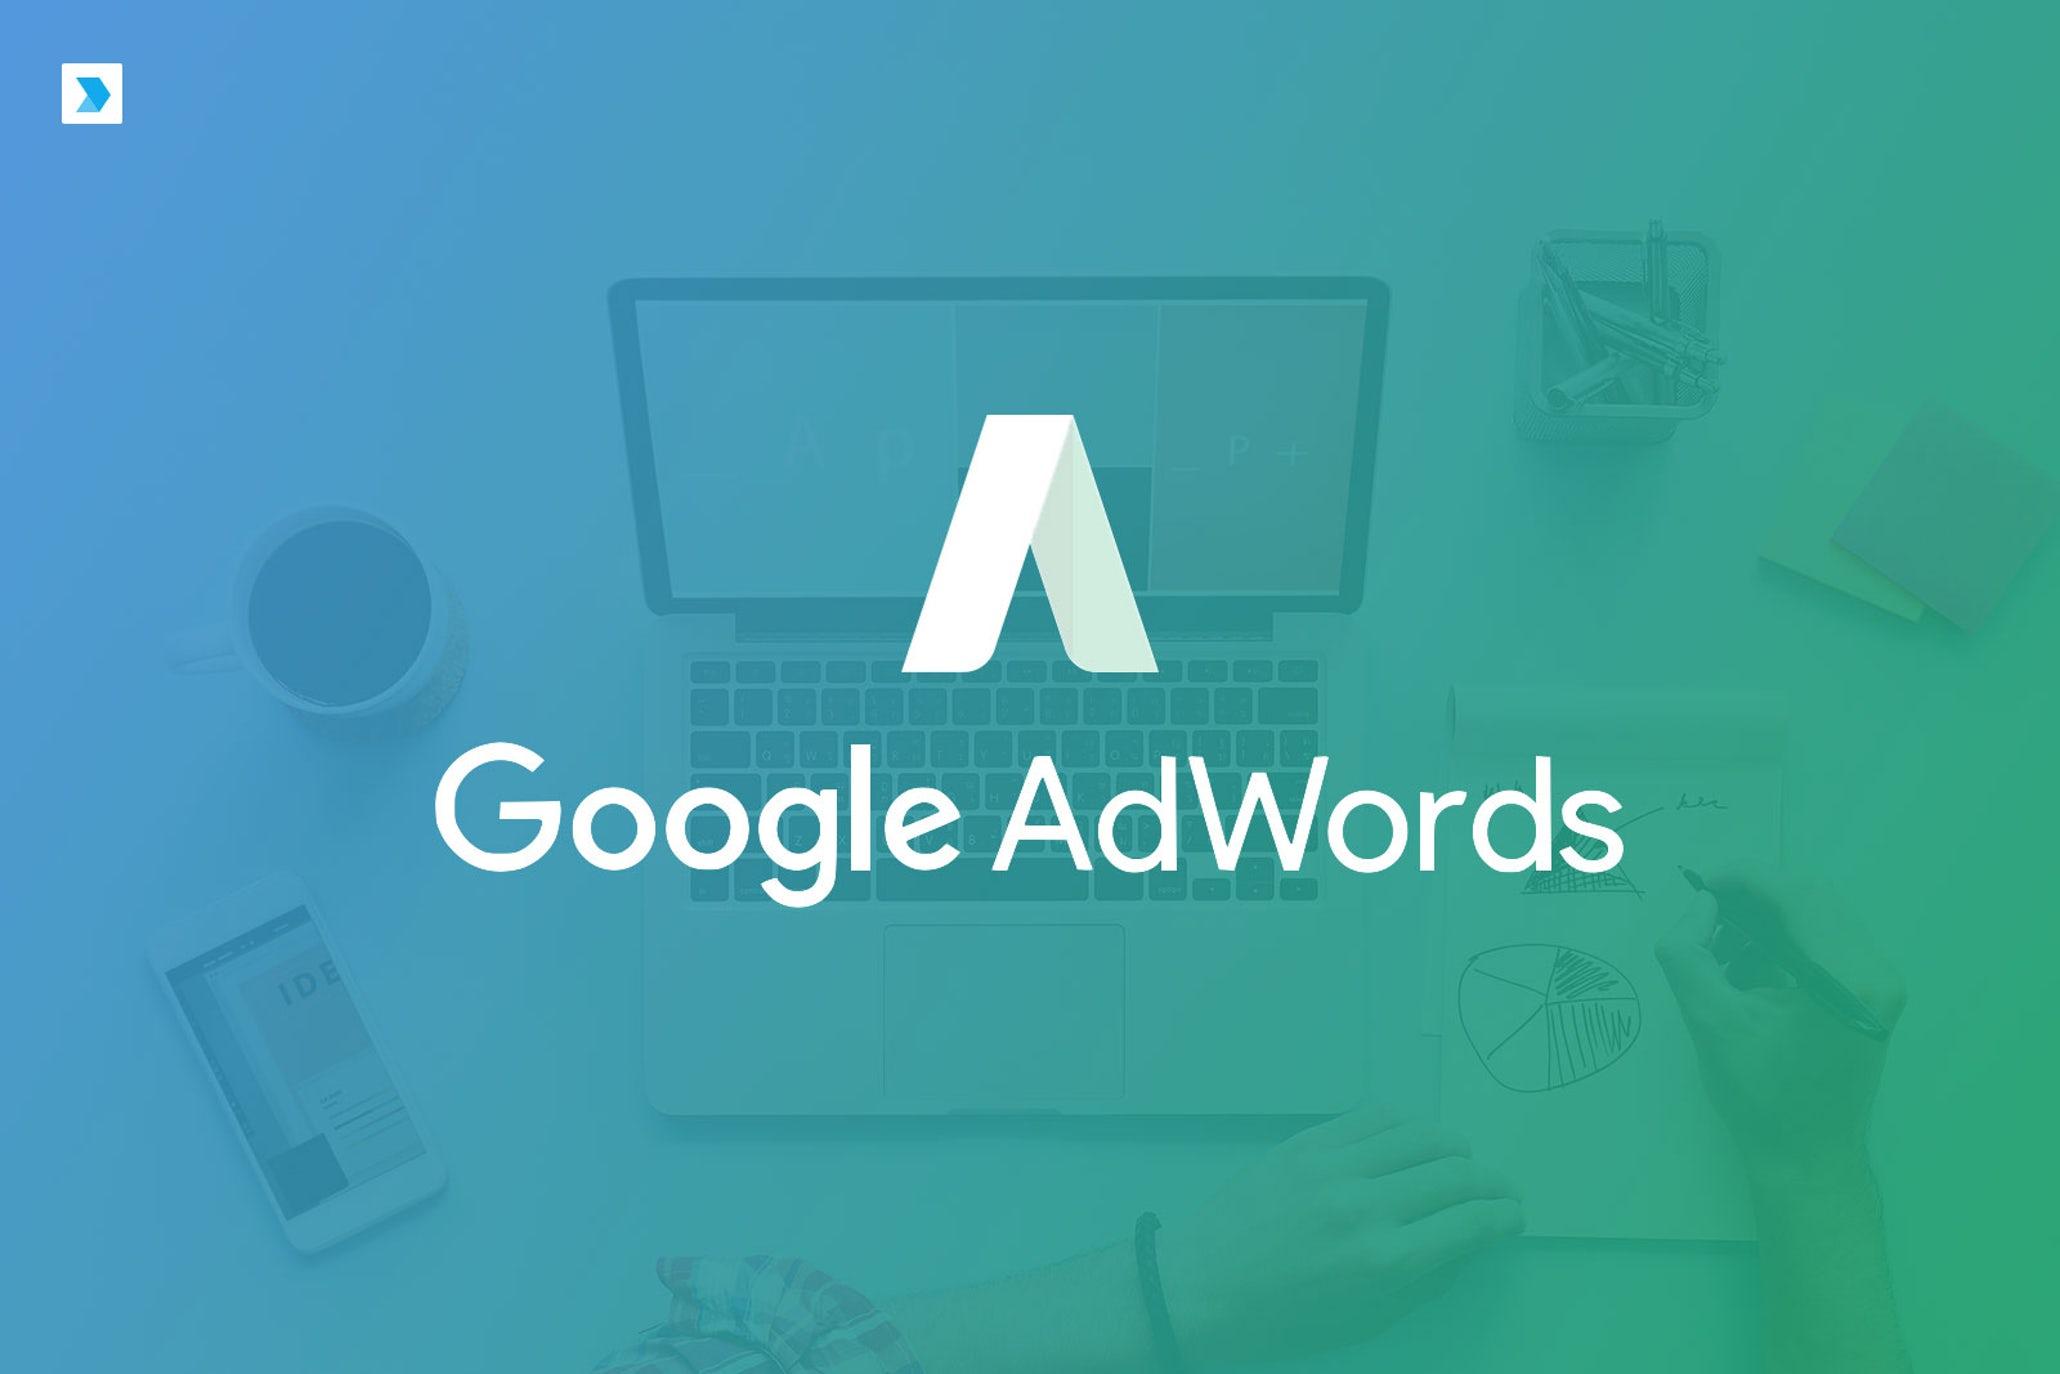 Top 10 bí quyết chạy Google Adwords hiệu quả nhanh chóng -